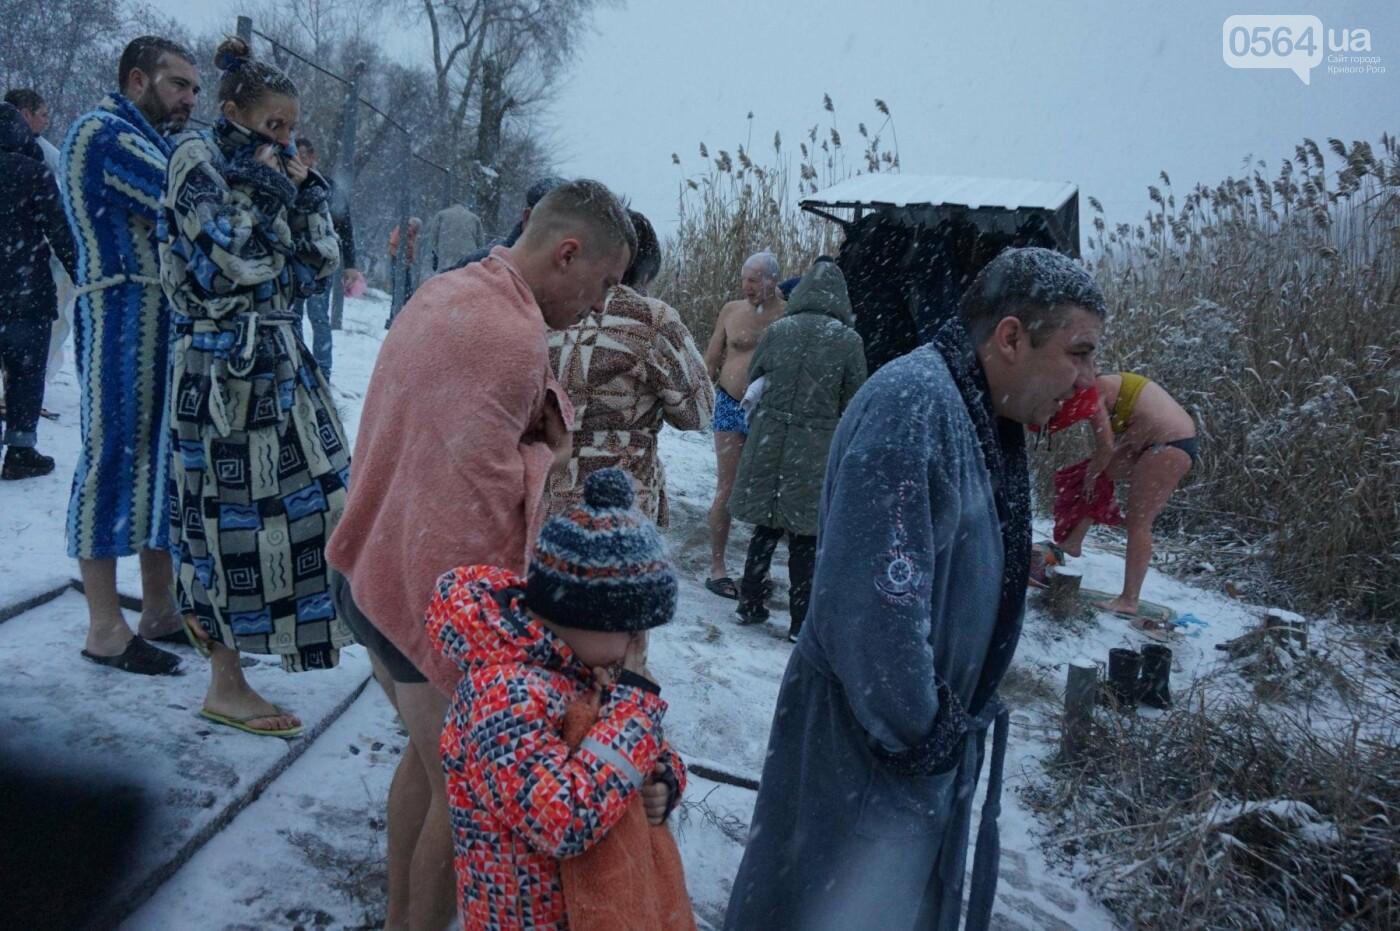 """""""Вода - просто огонь!"""": сотни криворожан окунулись в прорубь на Крещение  (ФОТО, ВИДЕО), фото-21"""